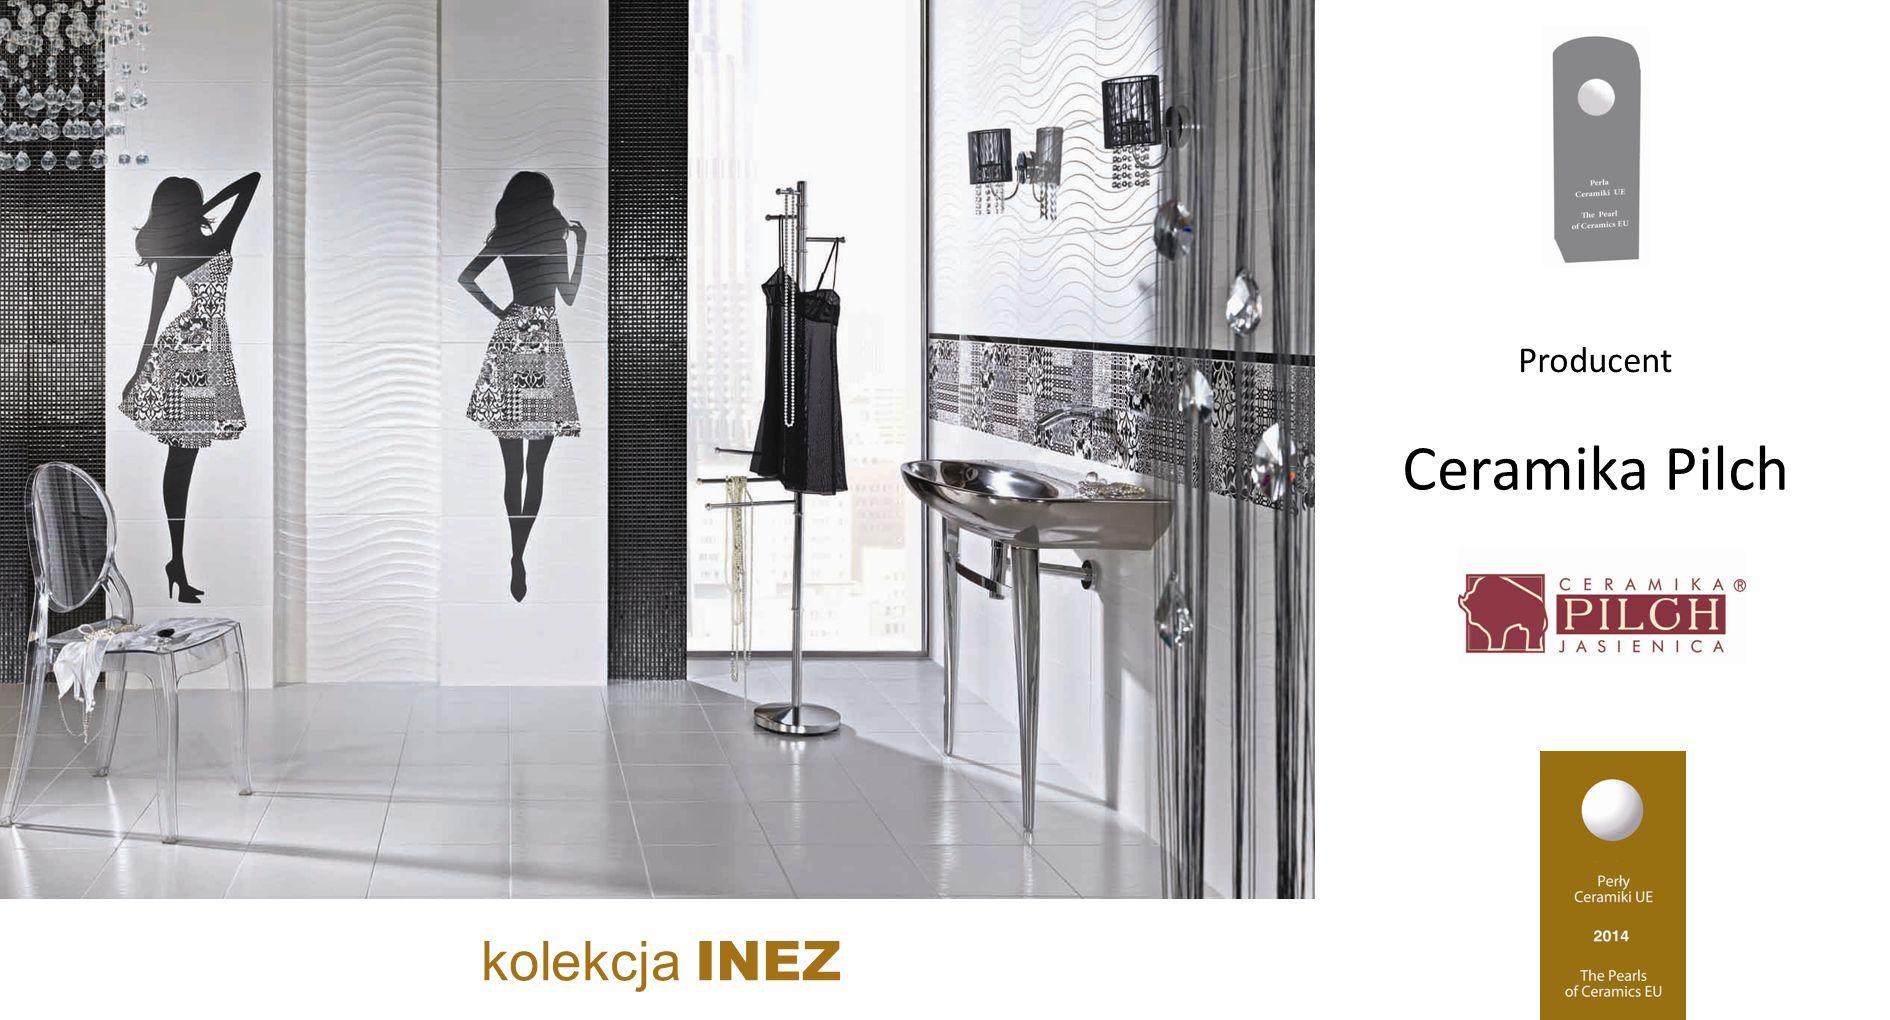 Ceramika Pilch kolekcja INEZ Producent